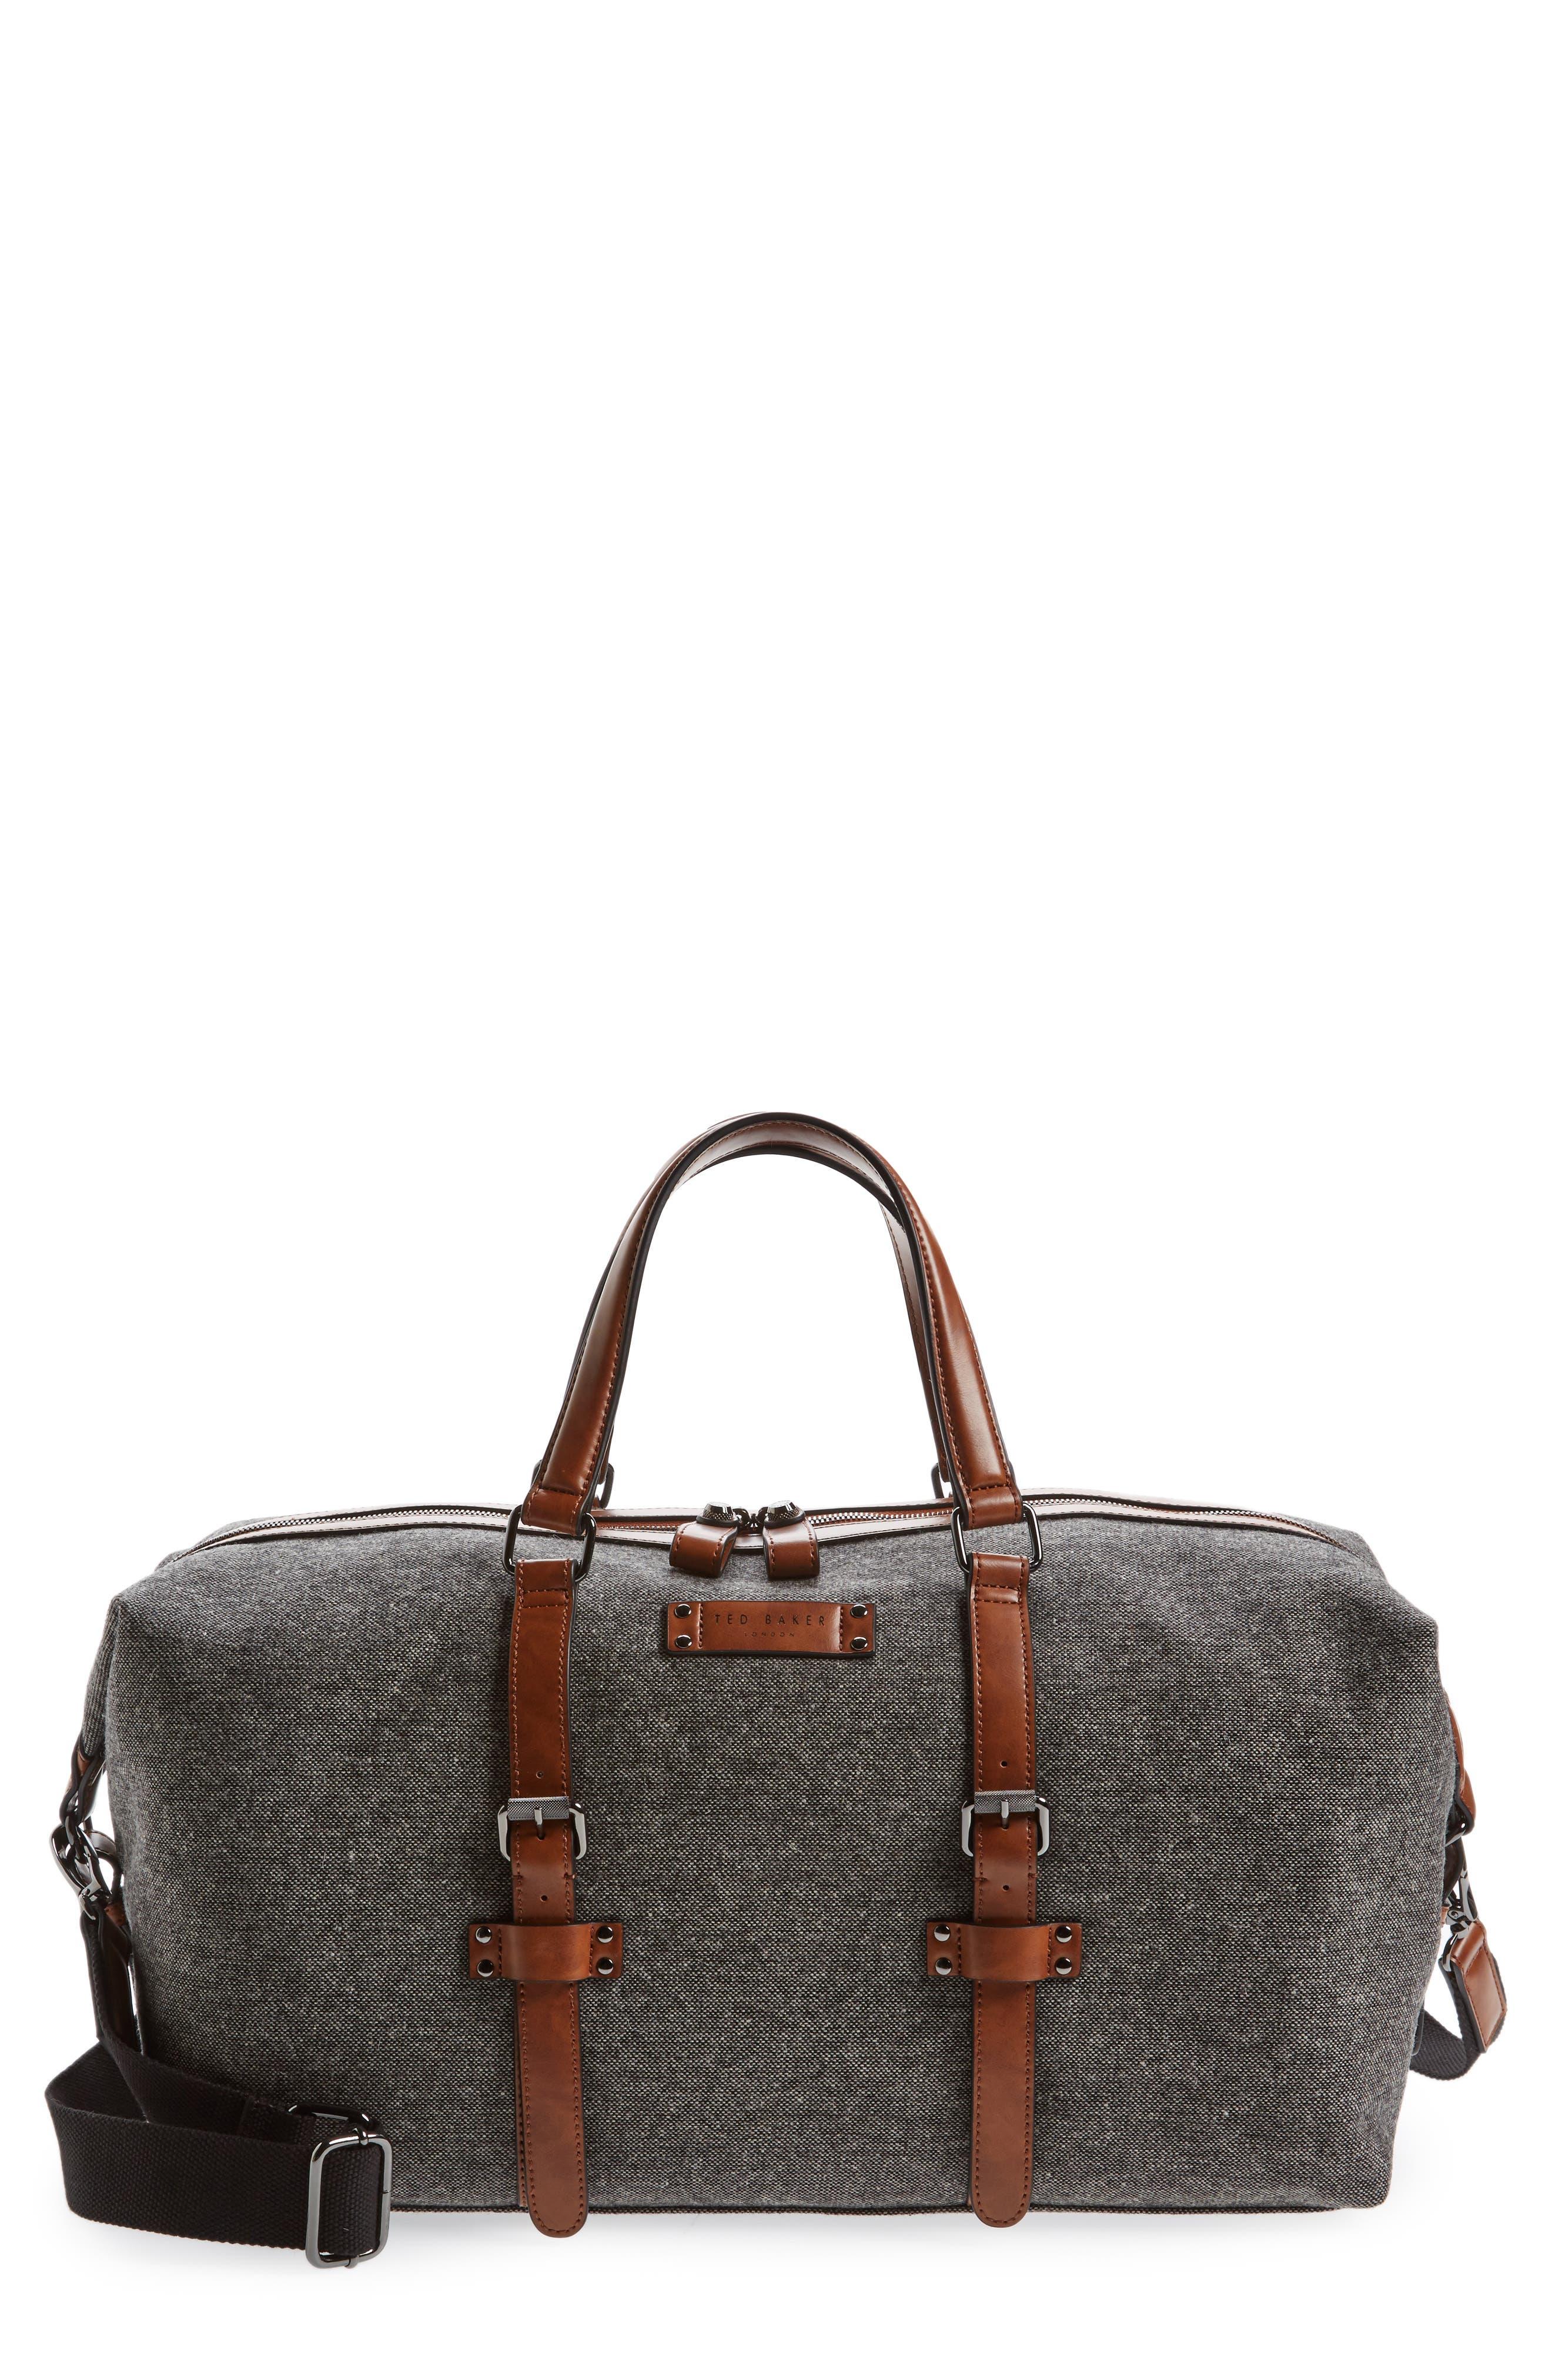 Tailor Wool Duffel Bag,                             Main thumbnail 1, color,                             Grey